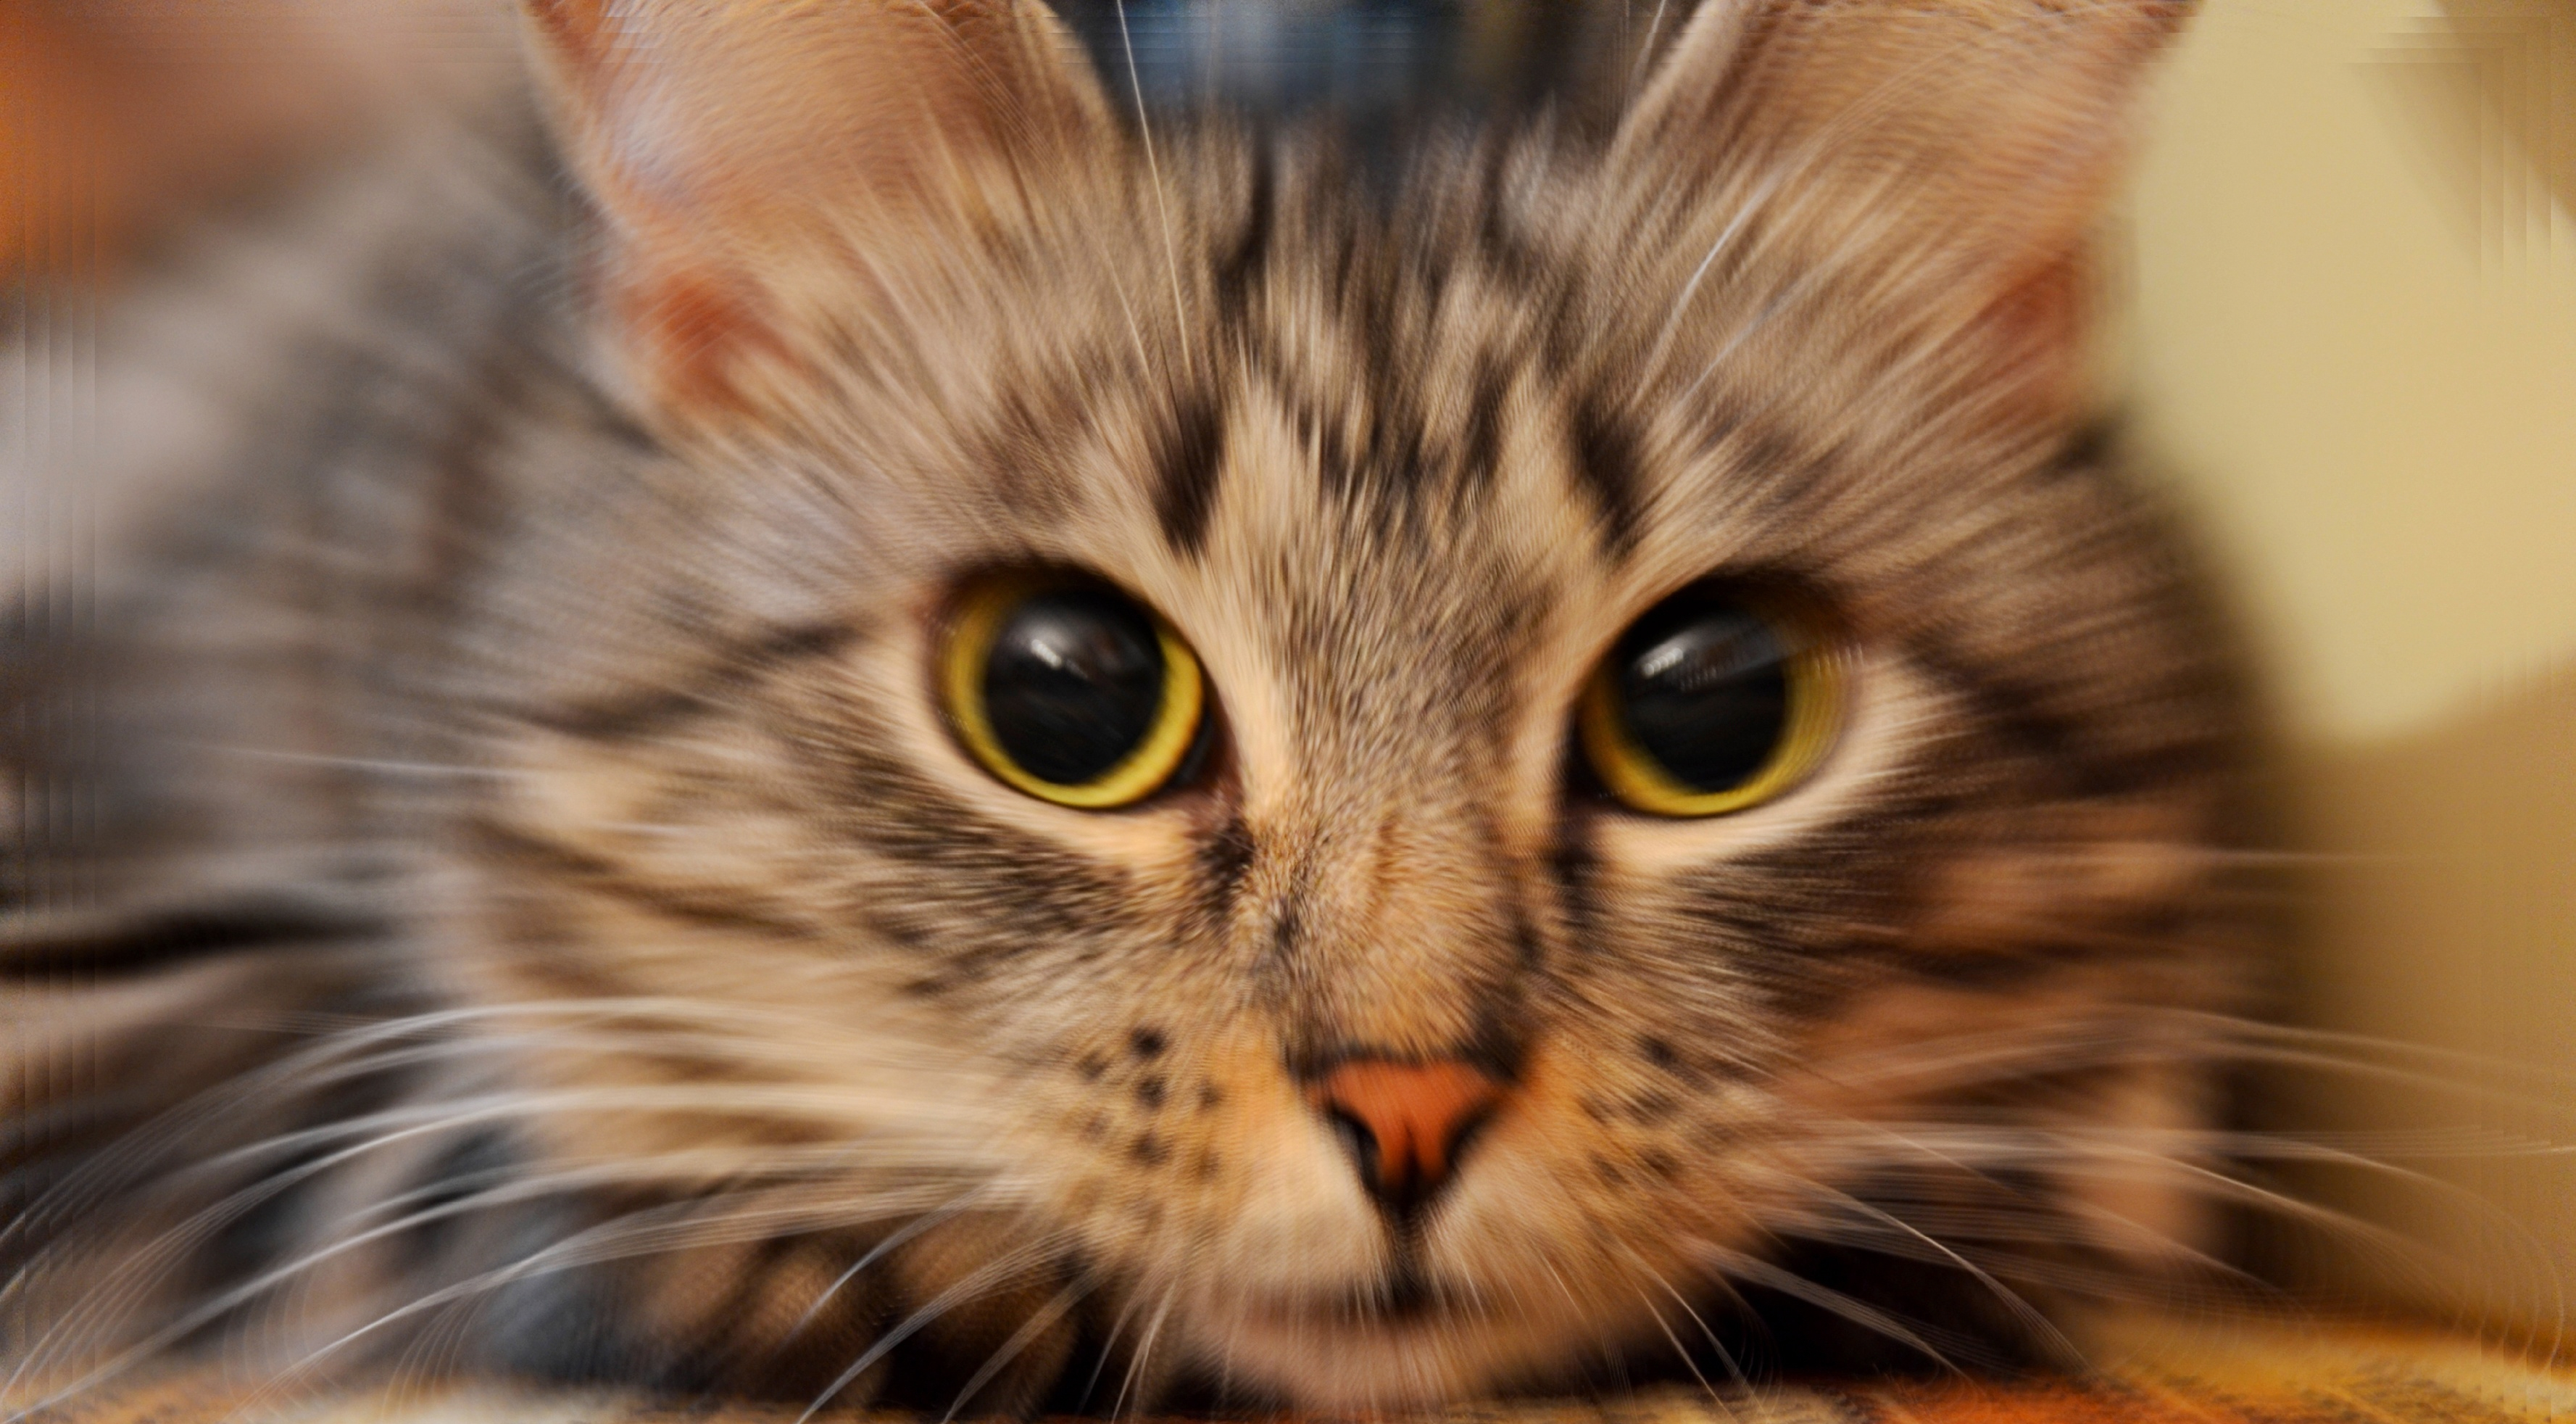 猫生病有哪些表现?别让你的忽视成为遗憾